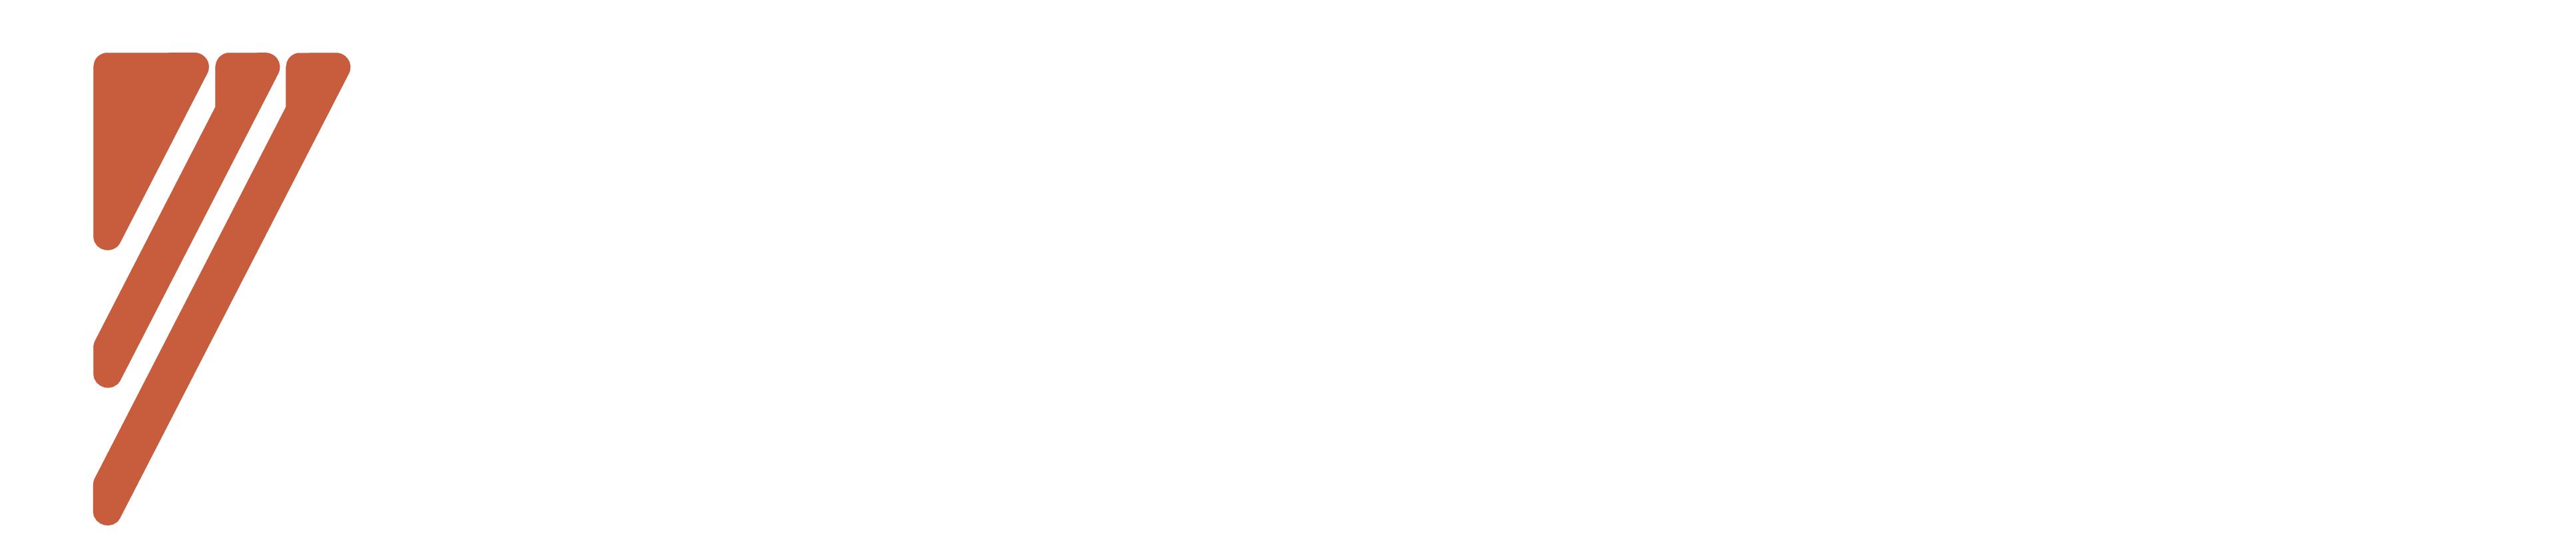 Logo AVTEK blanco